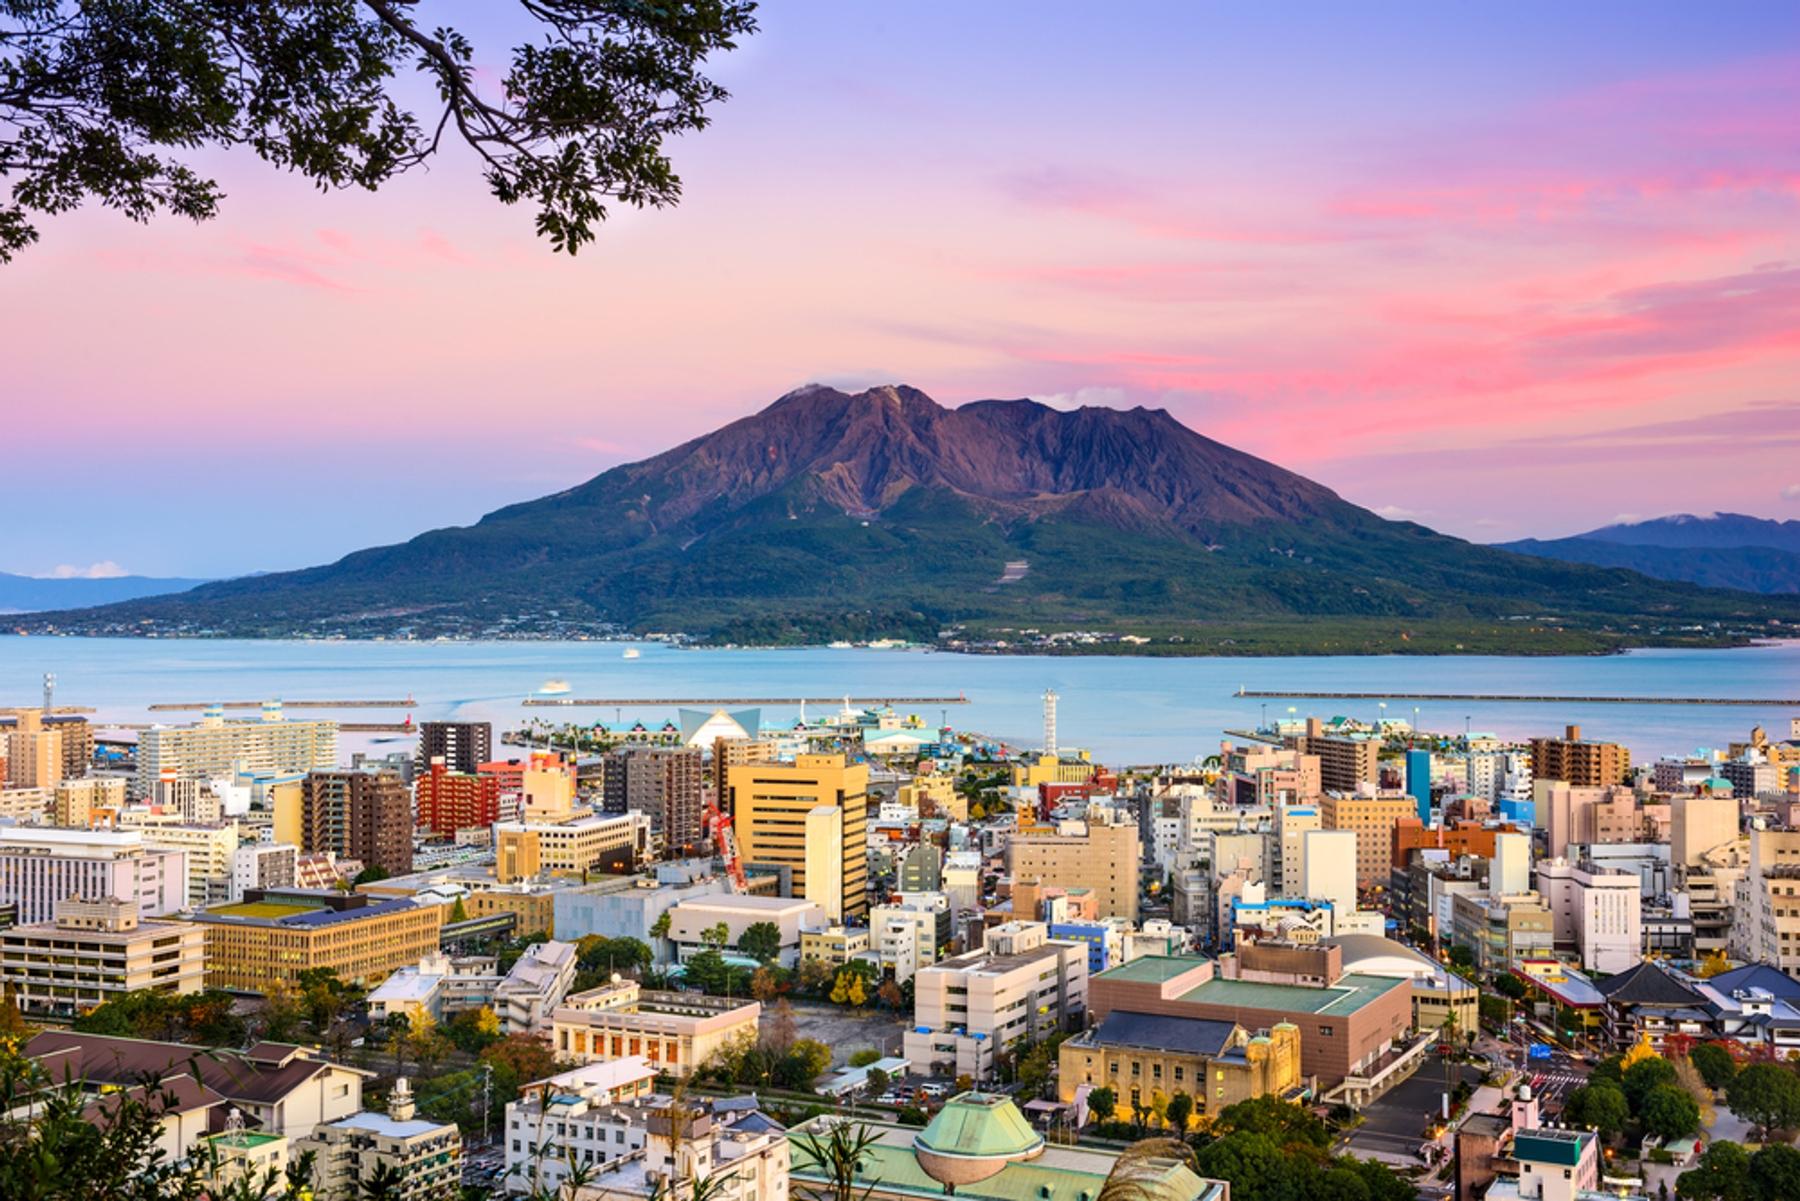 鹿児島のシンボルとも言える桜島